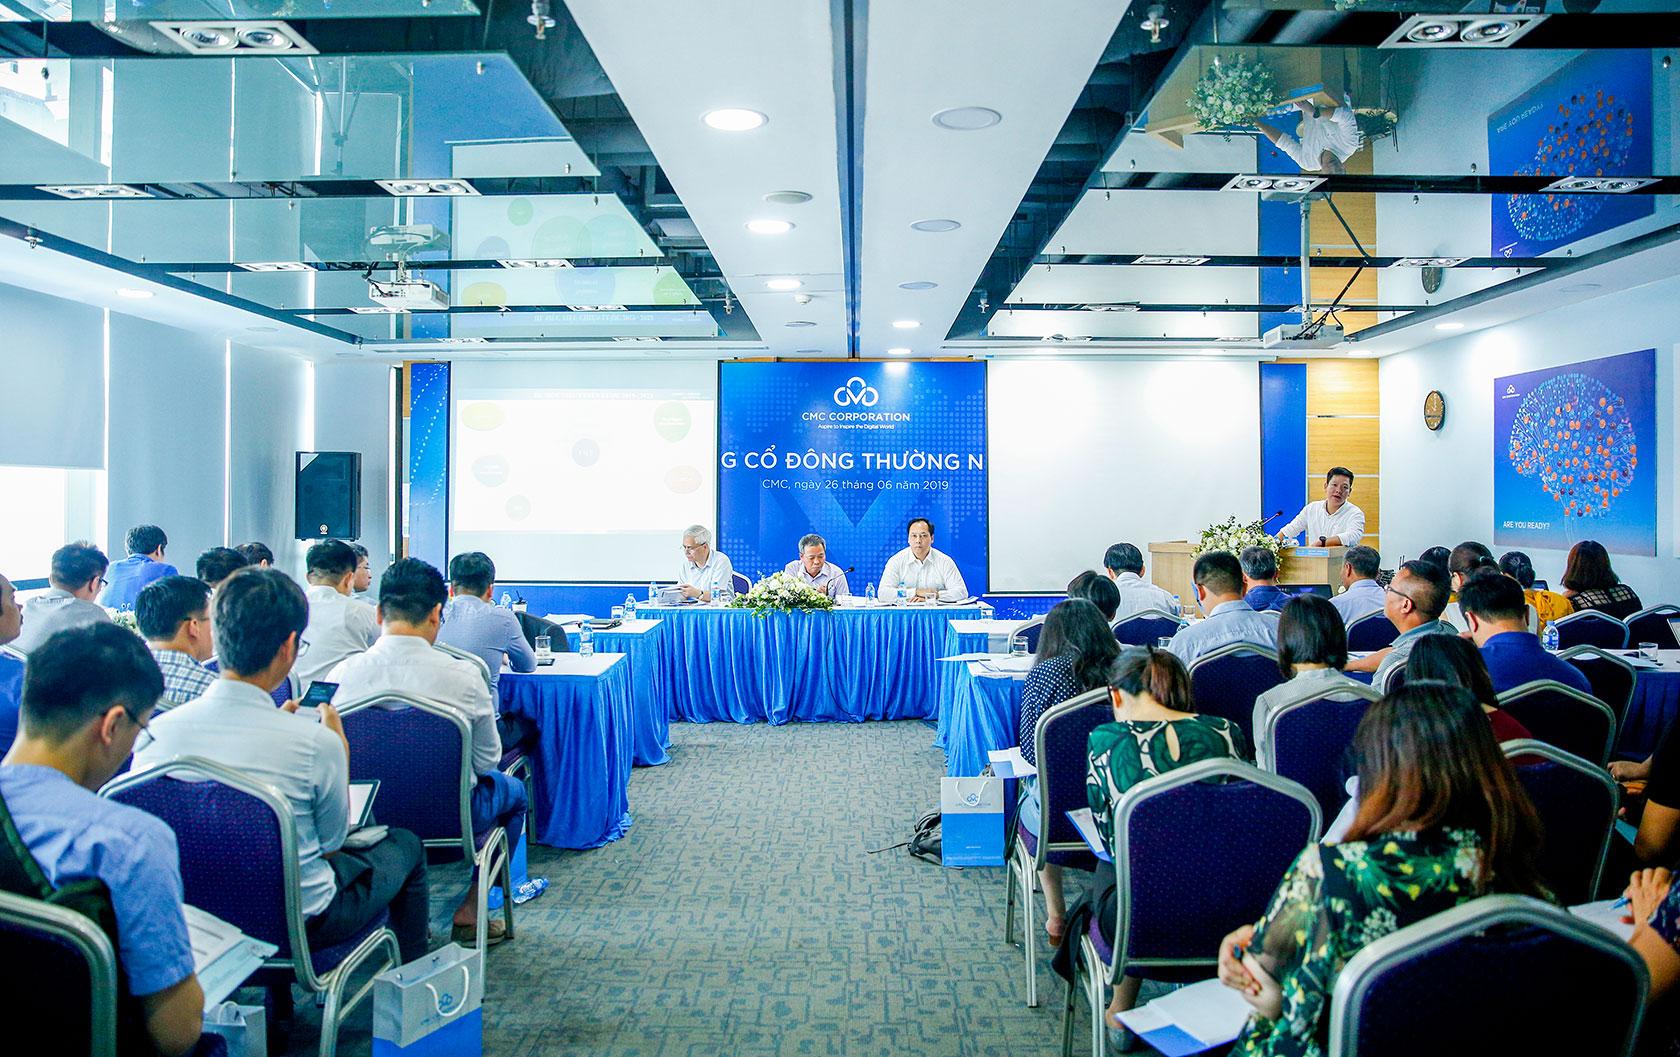 CMG: Thư mời họp và tài liệu họp Đại hội đồng cổ đông bất thường năm 2019